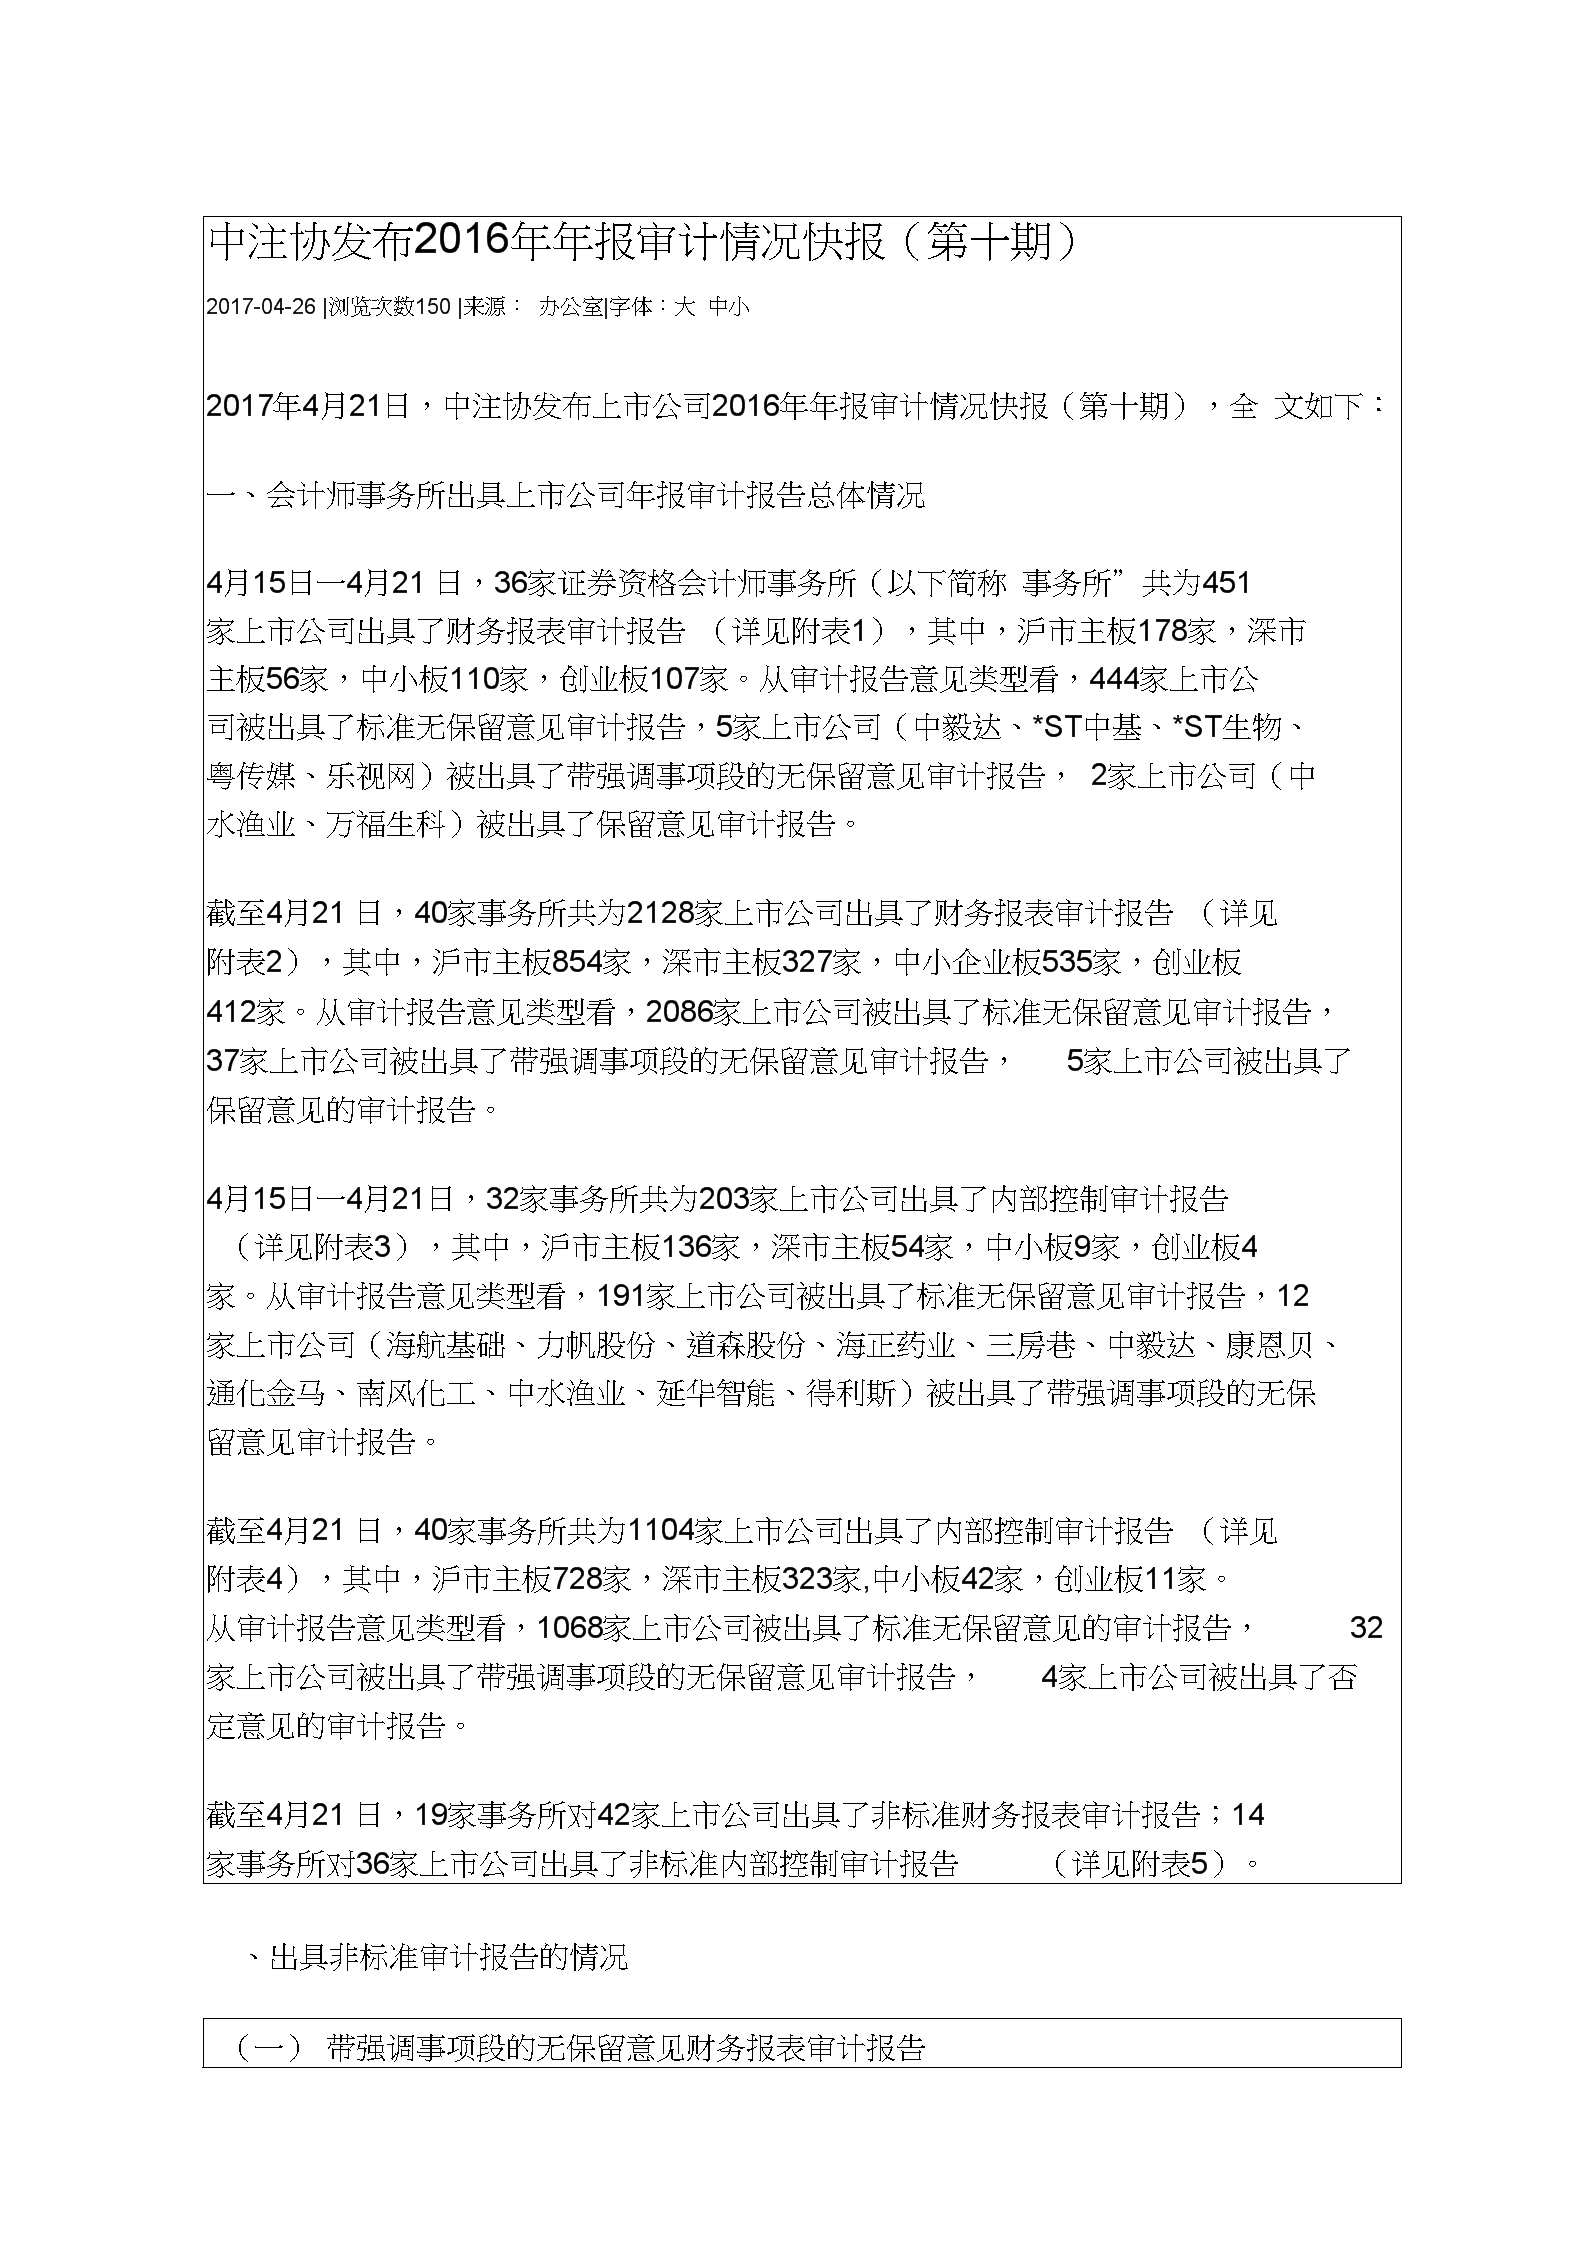 中注协发布2016年年报审计情况快报(第十期).docx